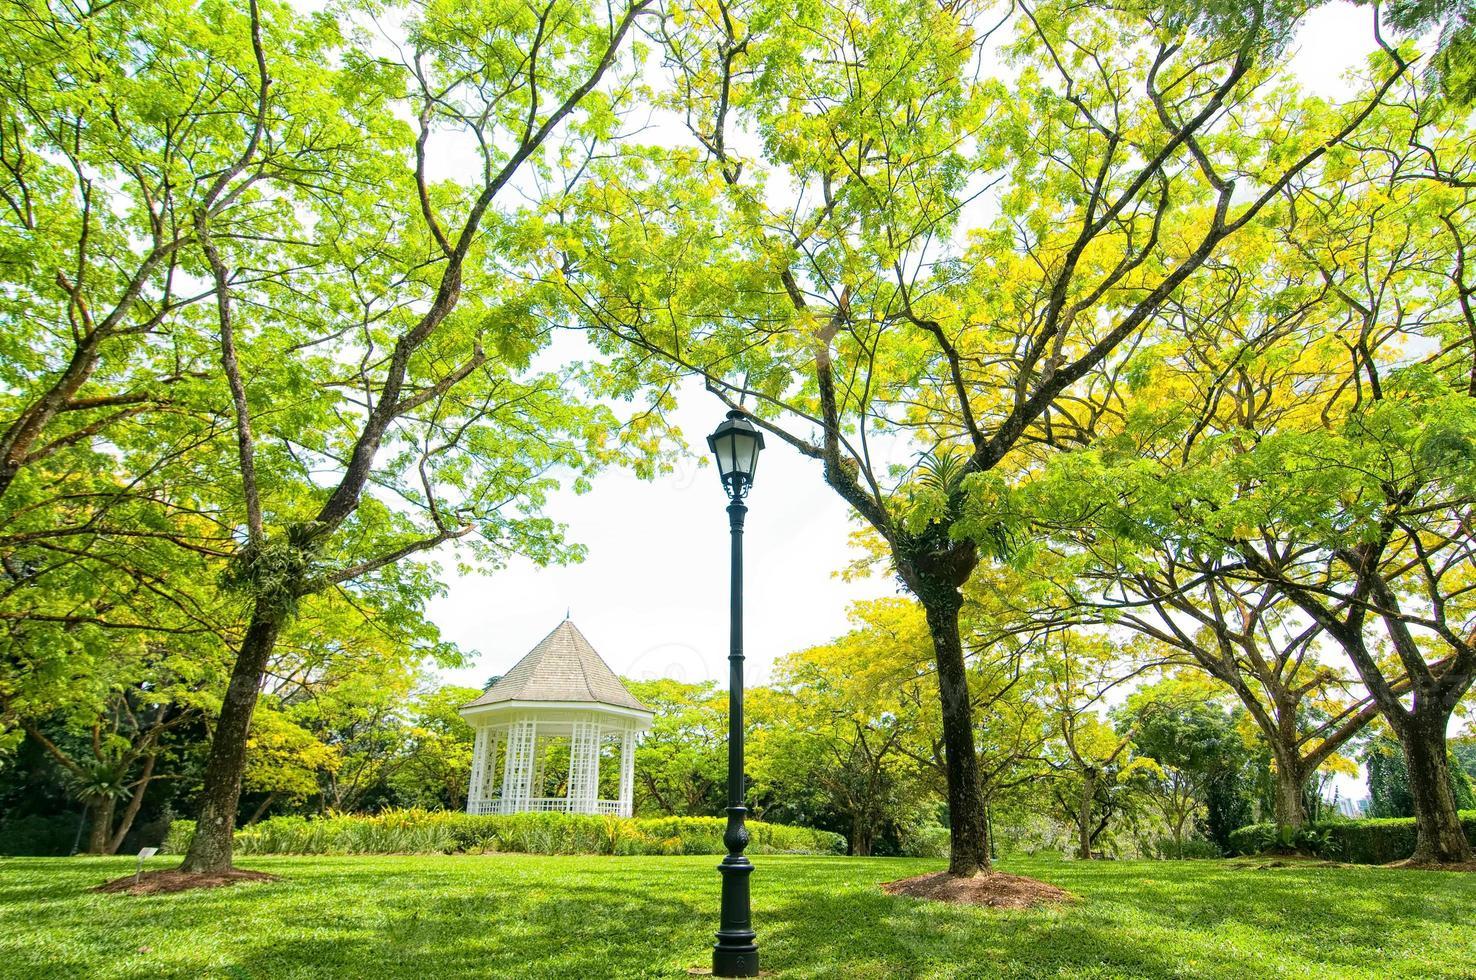 jardins botaniques de singapour, singapour photo